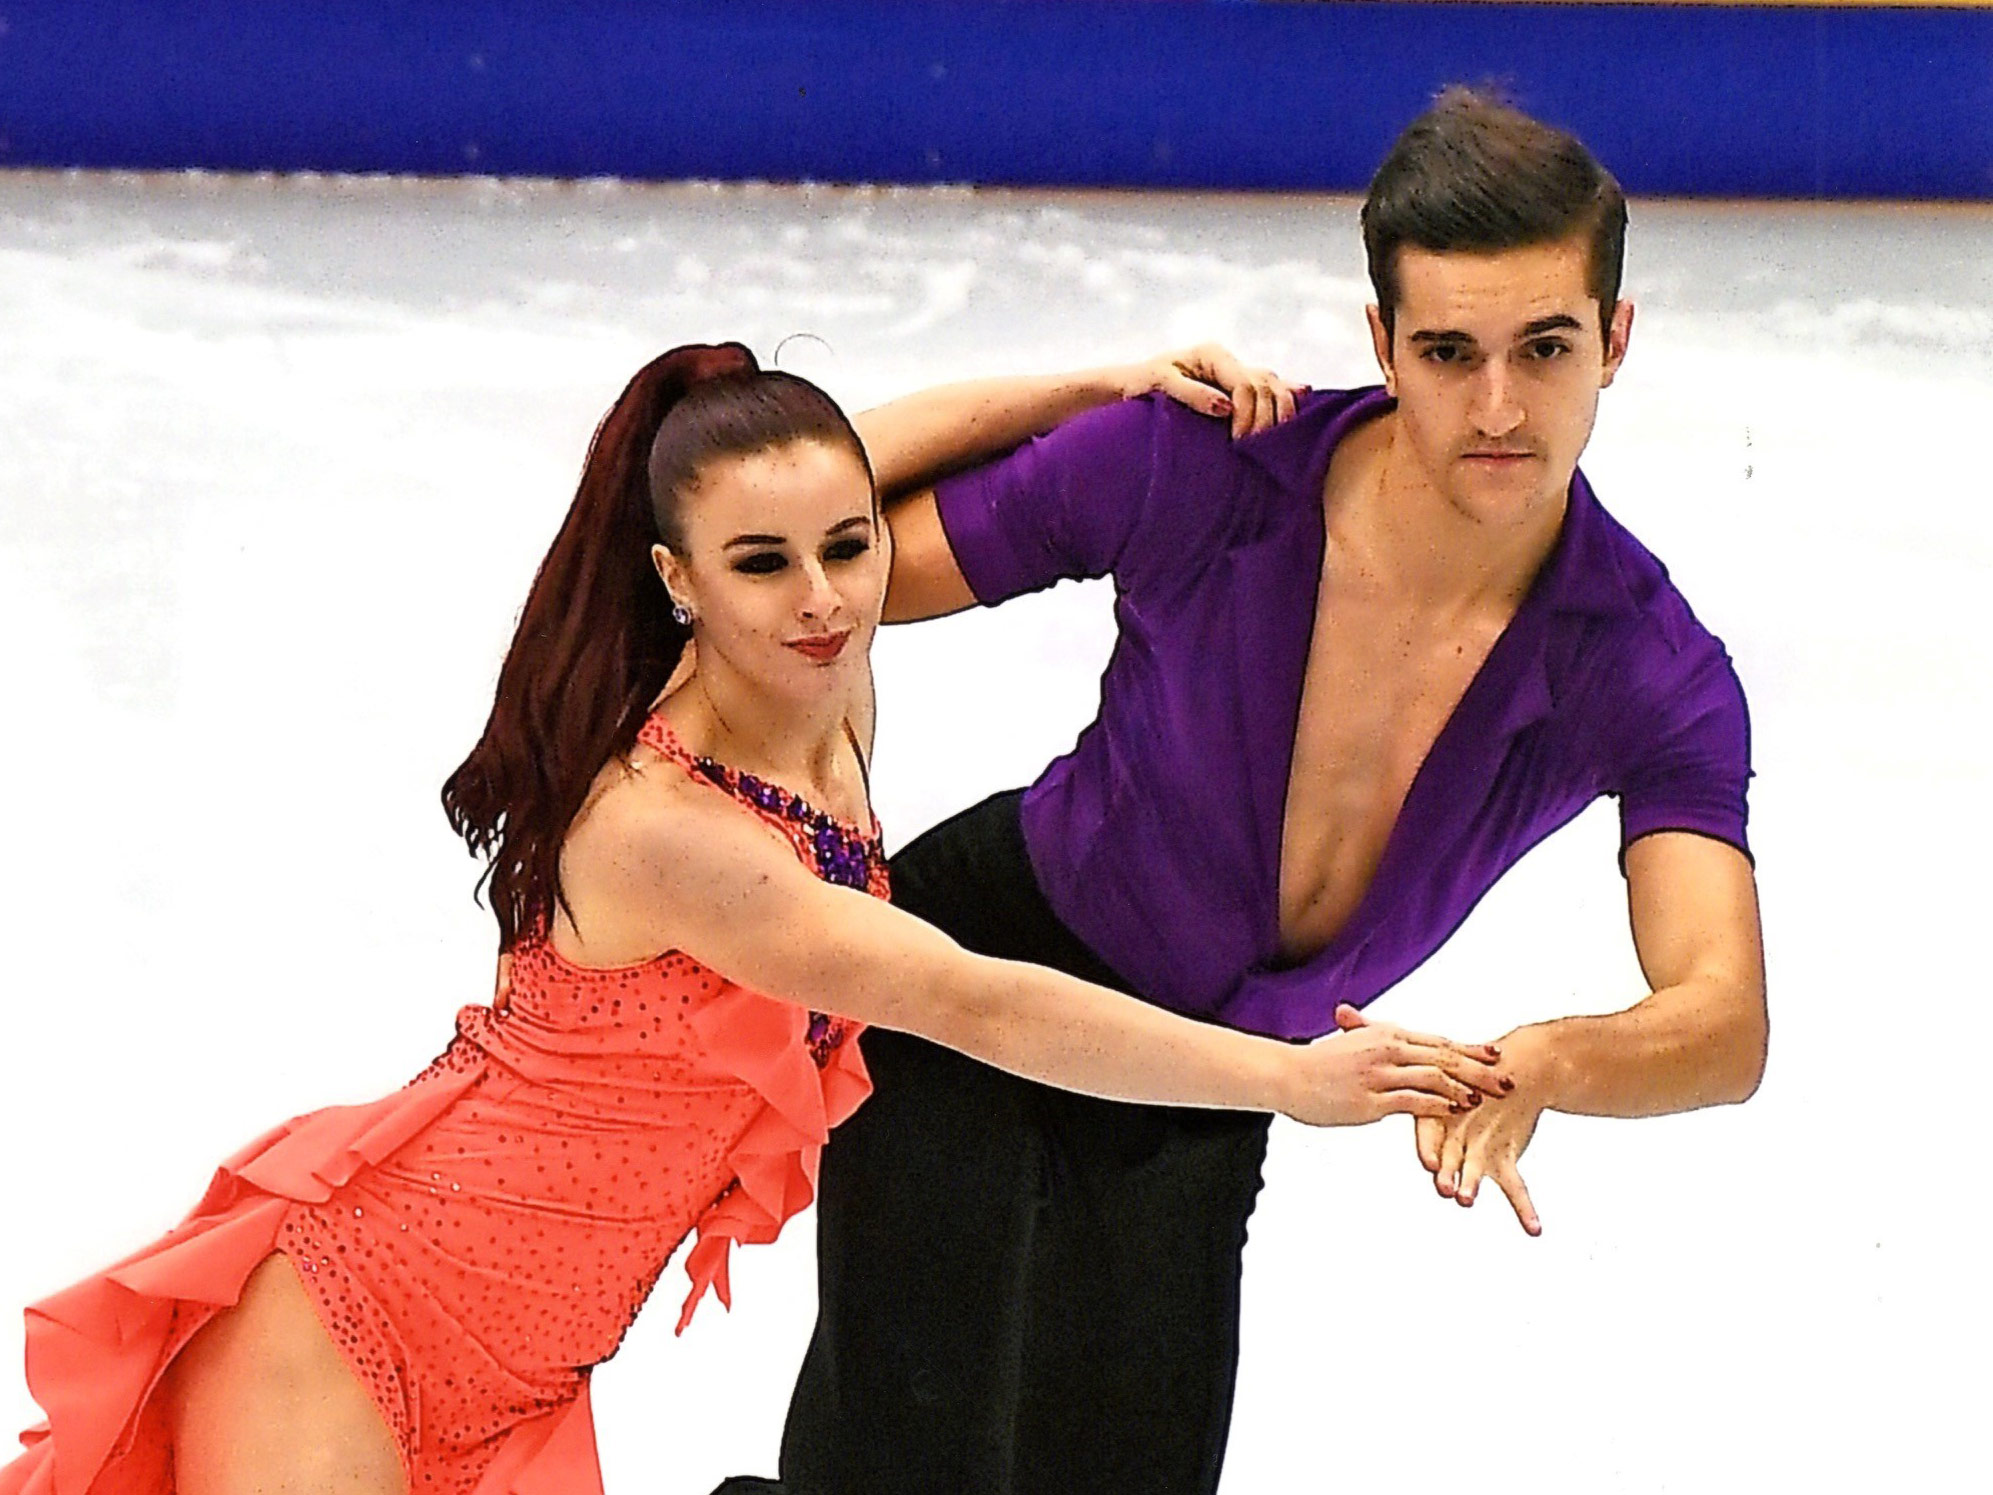 L'étudiante Marie-Jade Lauriault, et son partenaire Romain Le Gac, ont représenté la France lors des épreuves de patinage artistique des Jeux olympiques de PyeongChang.